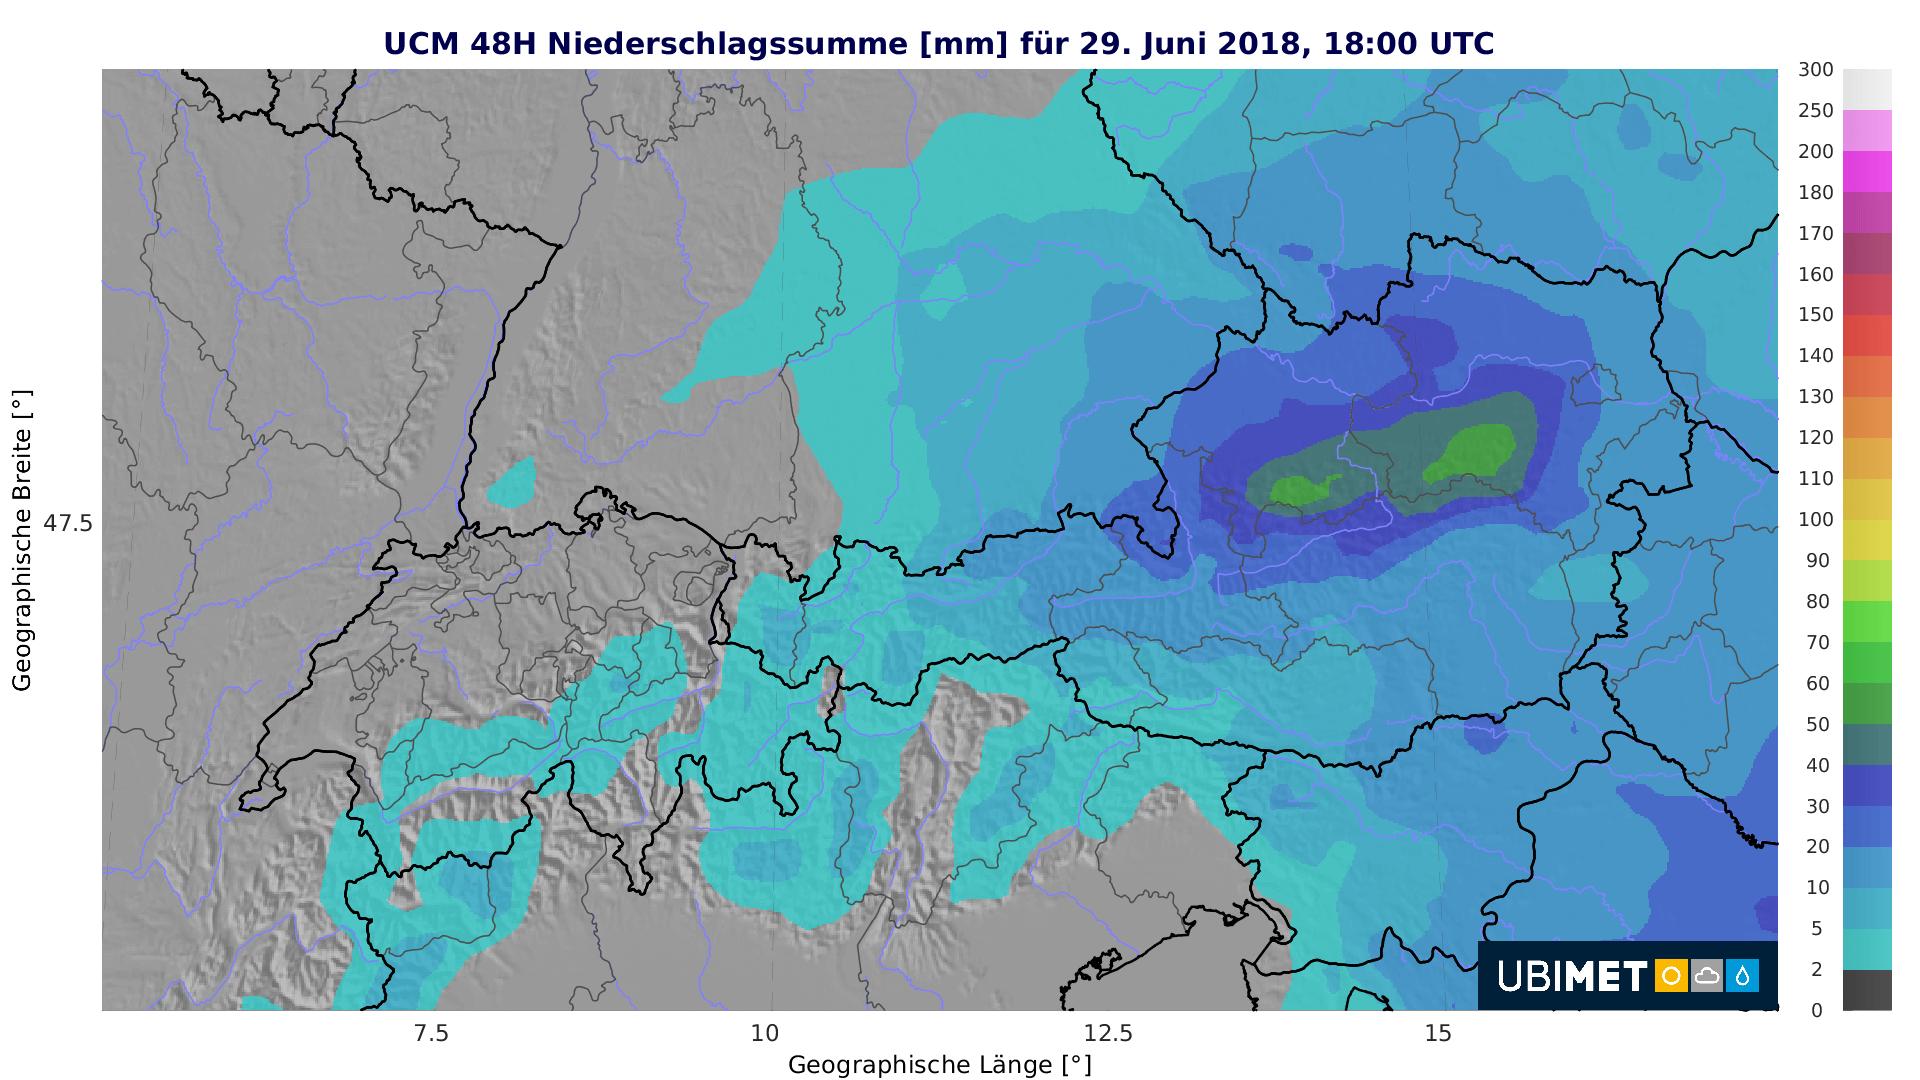 Vor allem im Beriech der Nordalpen gibt es kräftigen Regen.